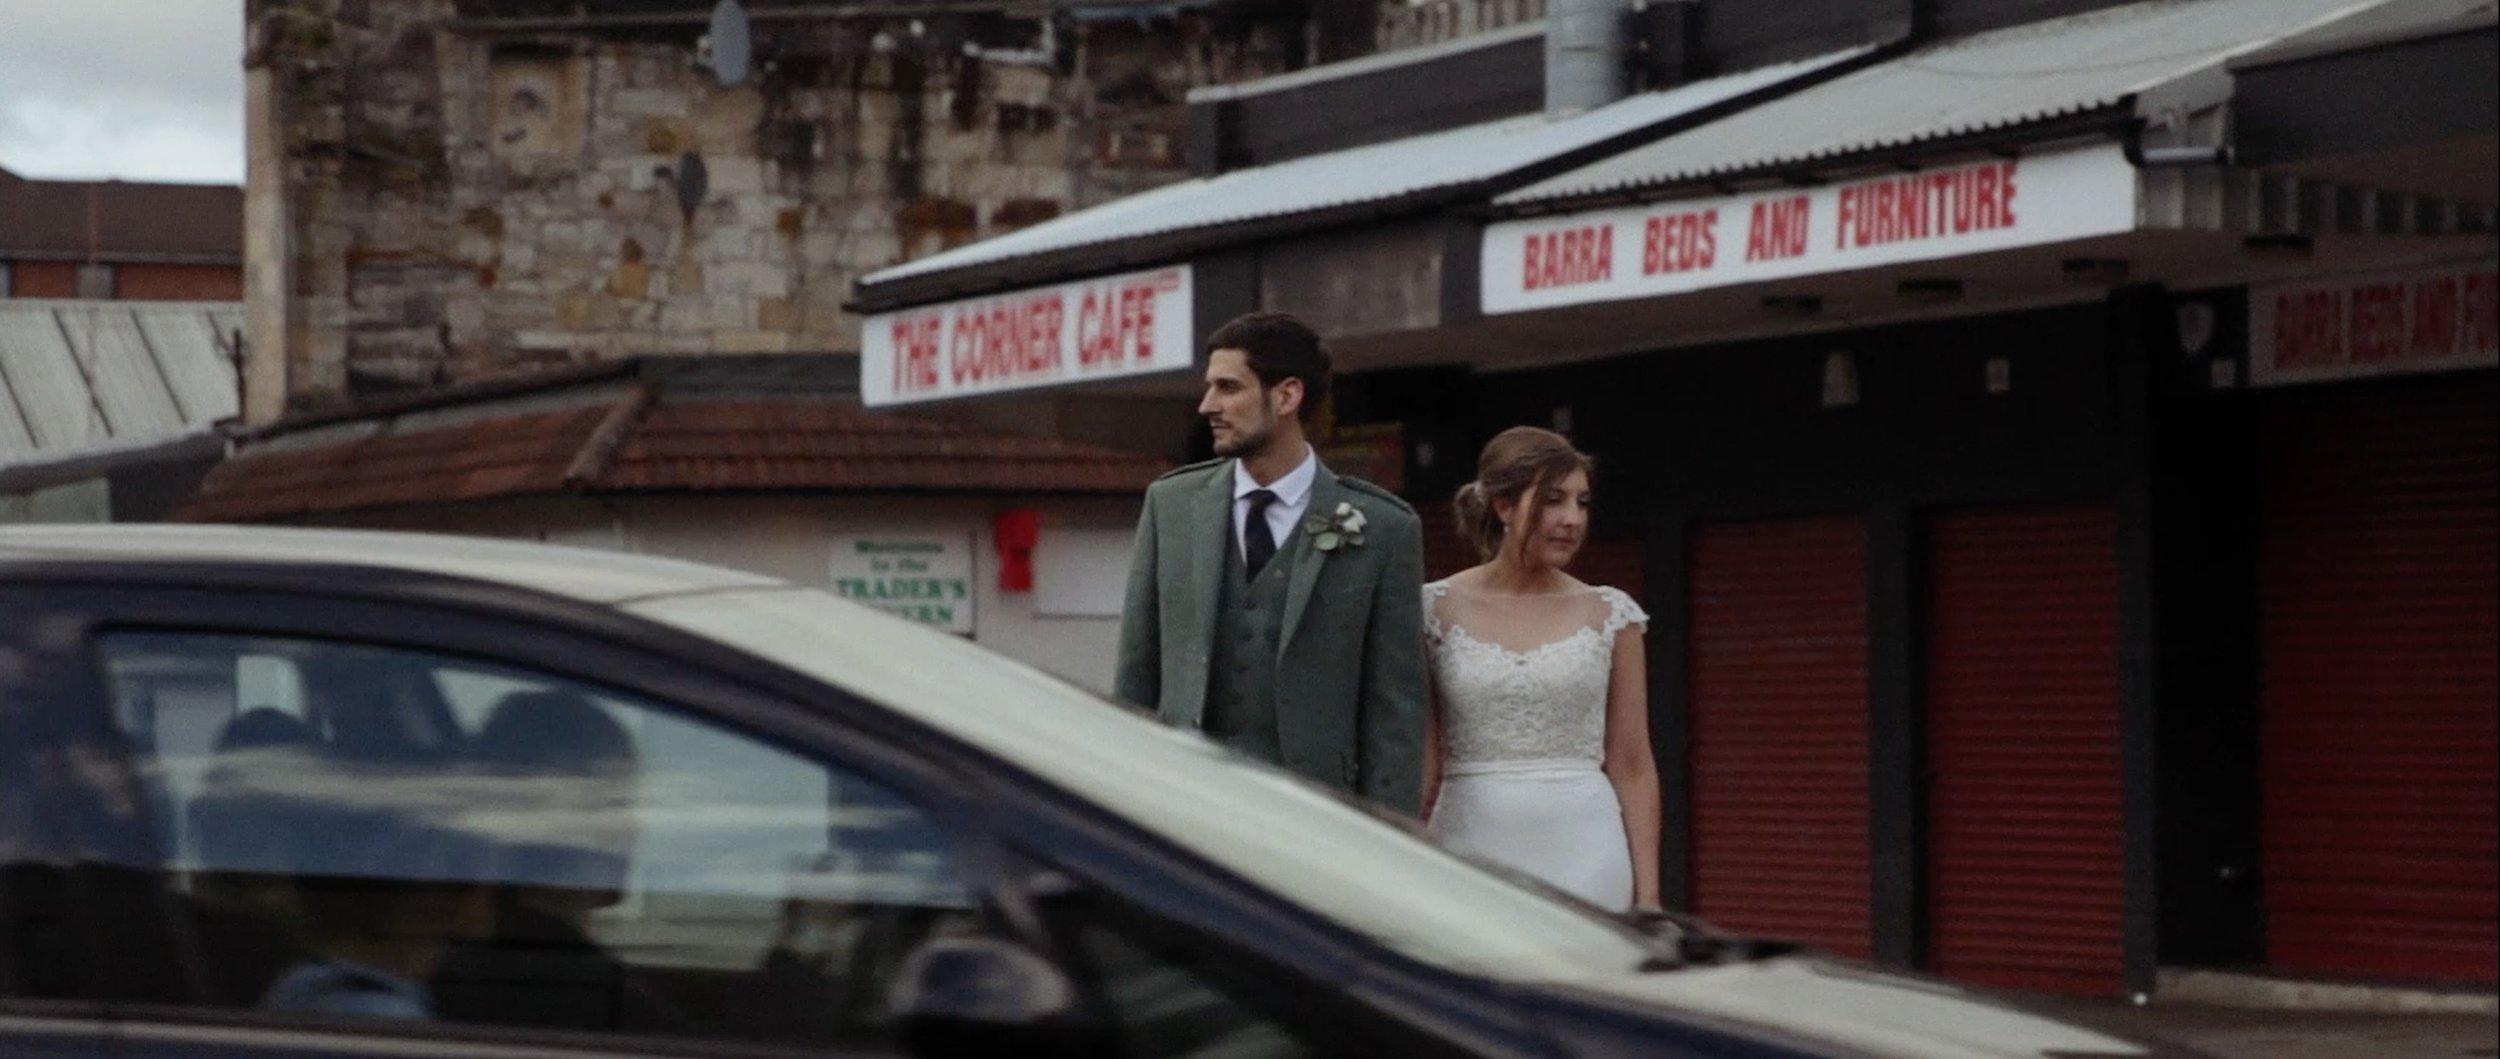 boclair-house-wedding-videographer_LL_05.jpg